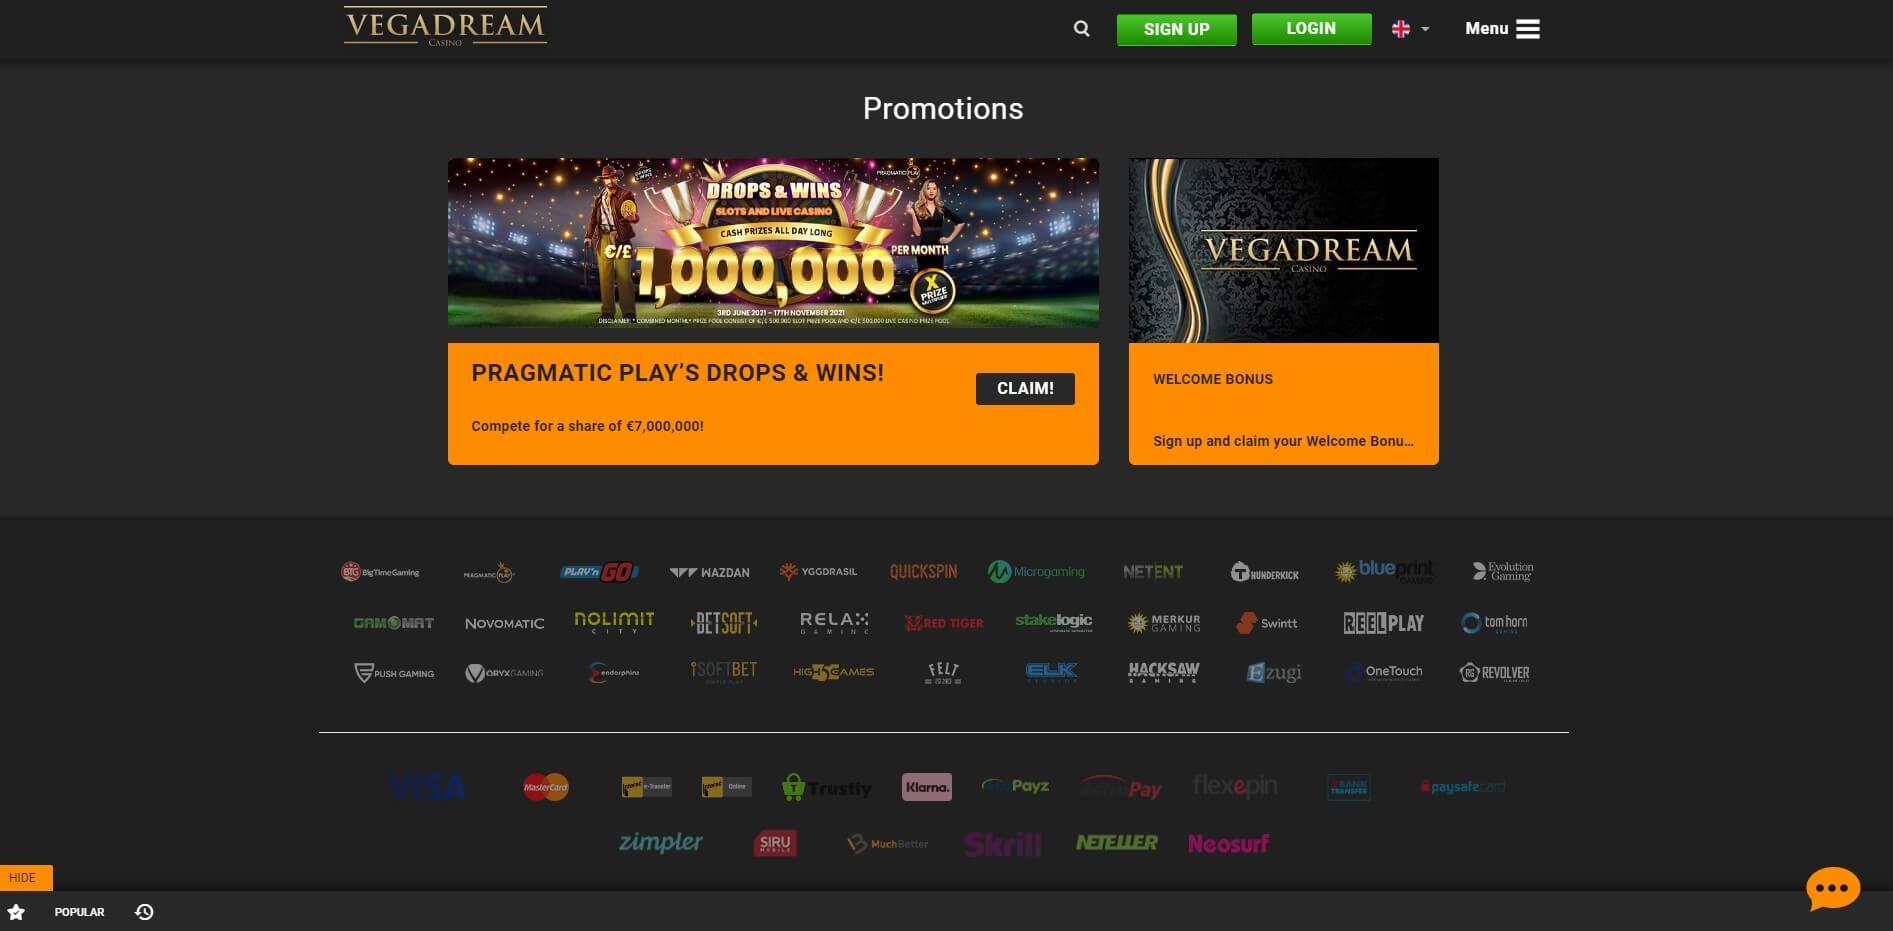 Promotions at VegaDream Casino